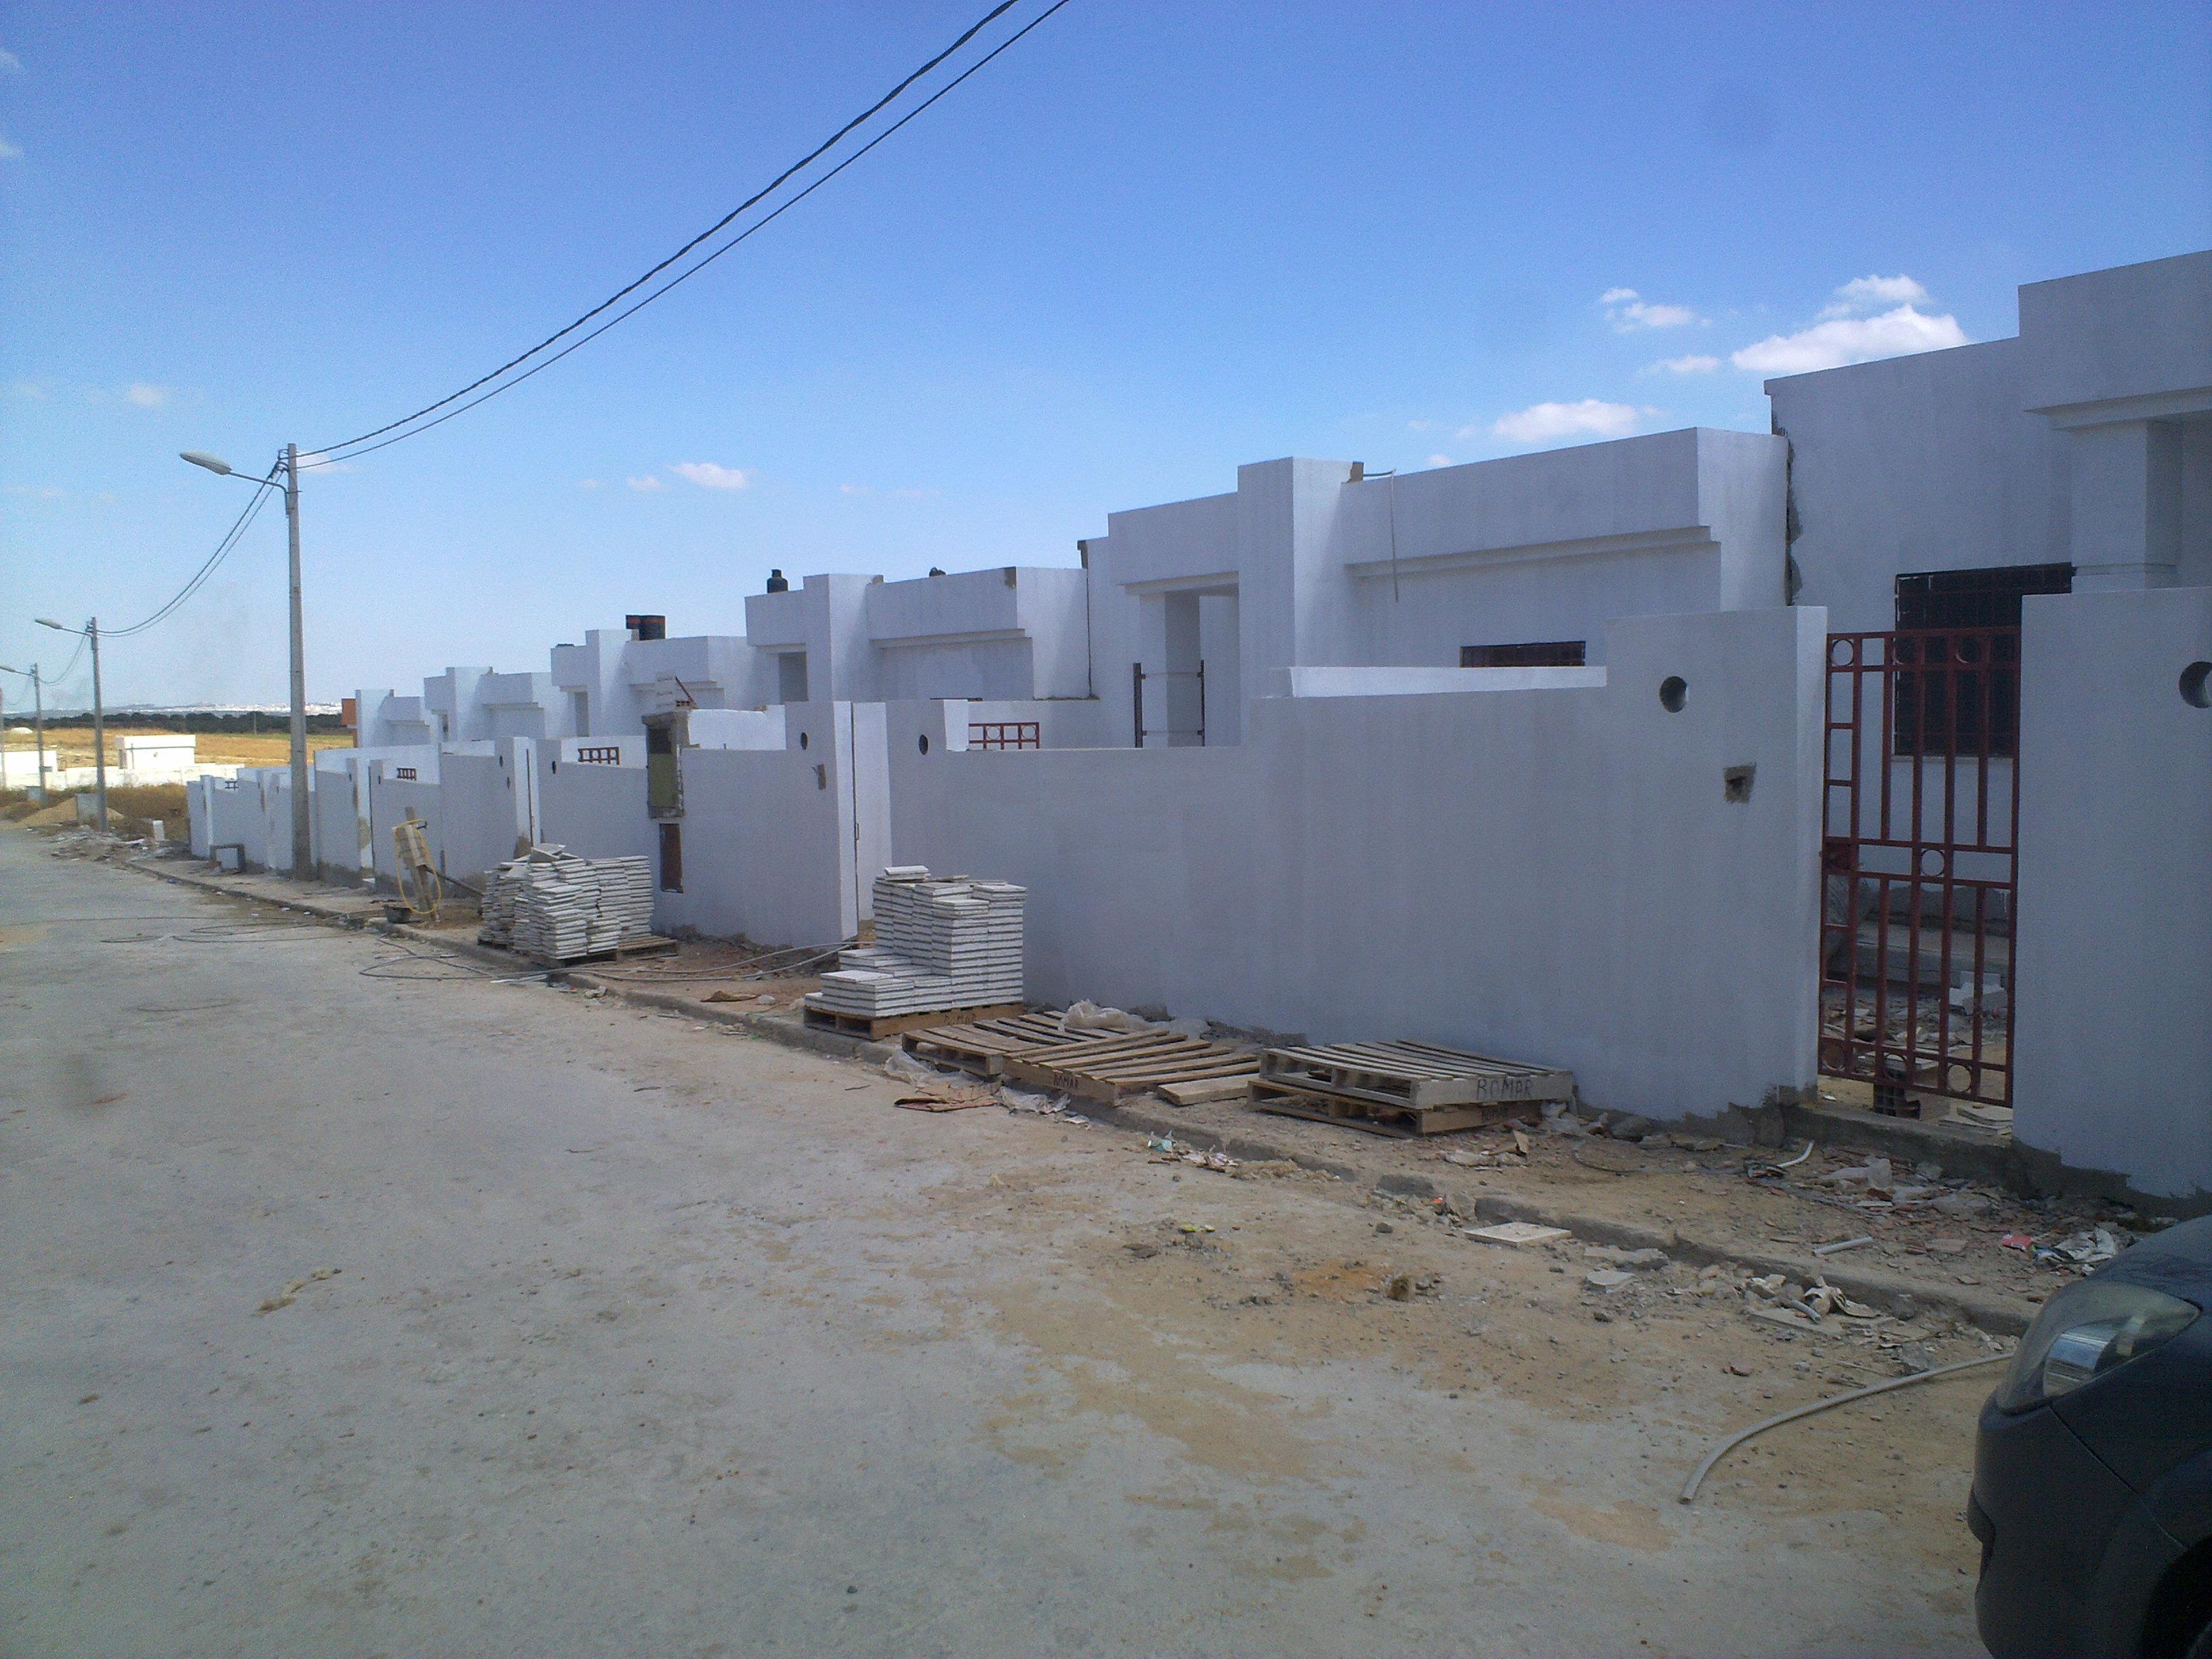 Tunisie annonce terrain a vendre tracteur agricole for Achat maison tunisie